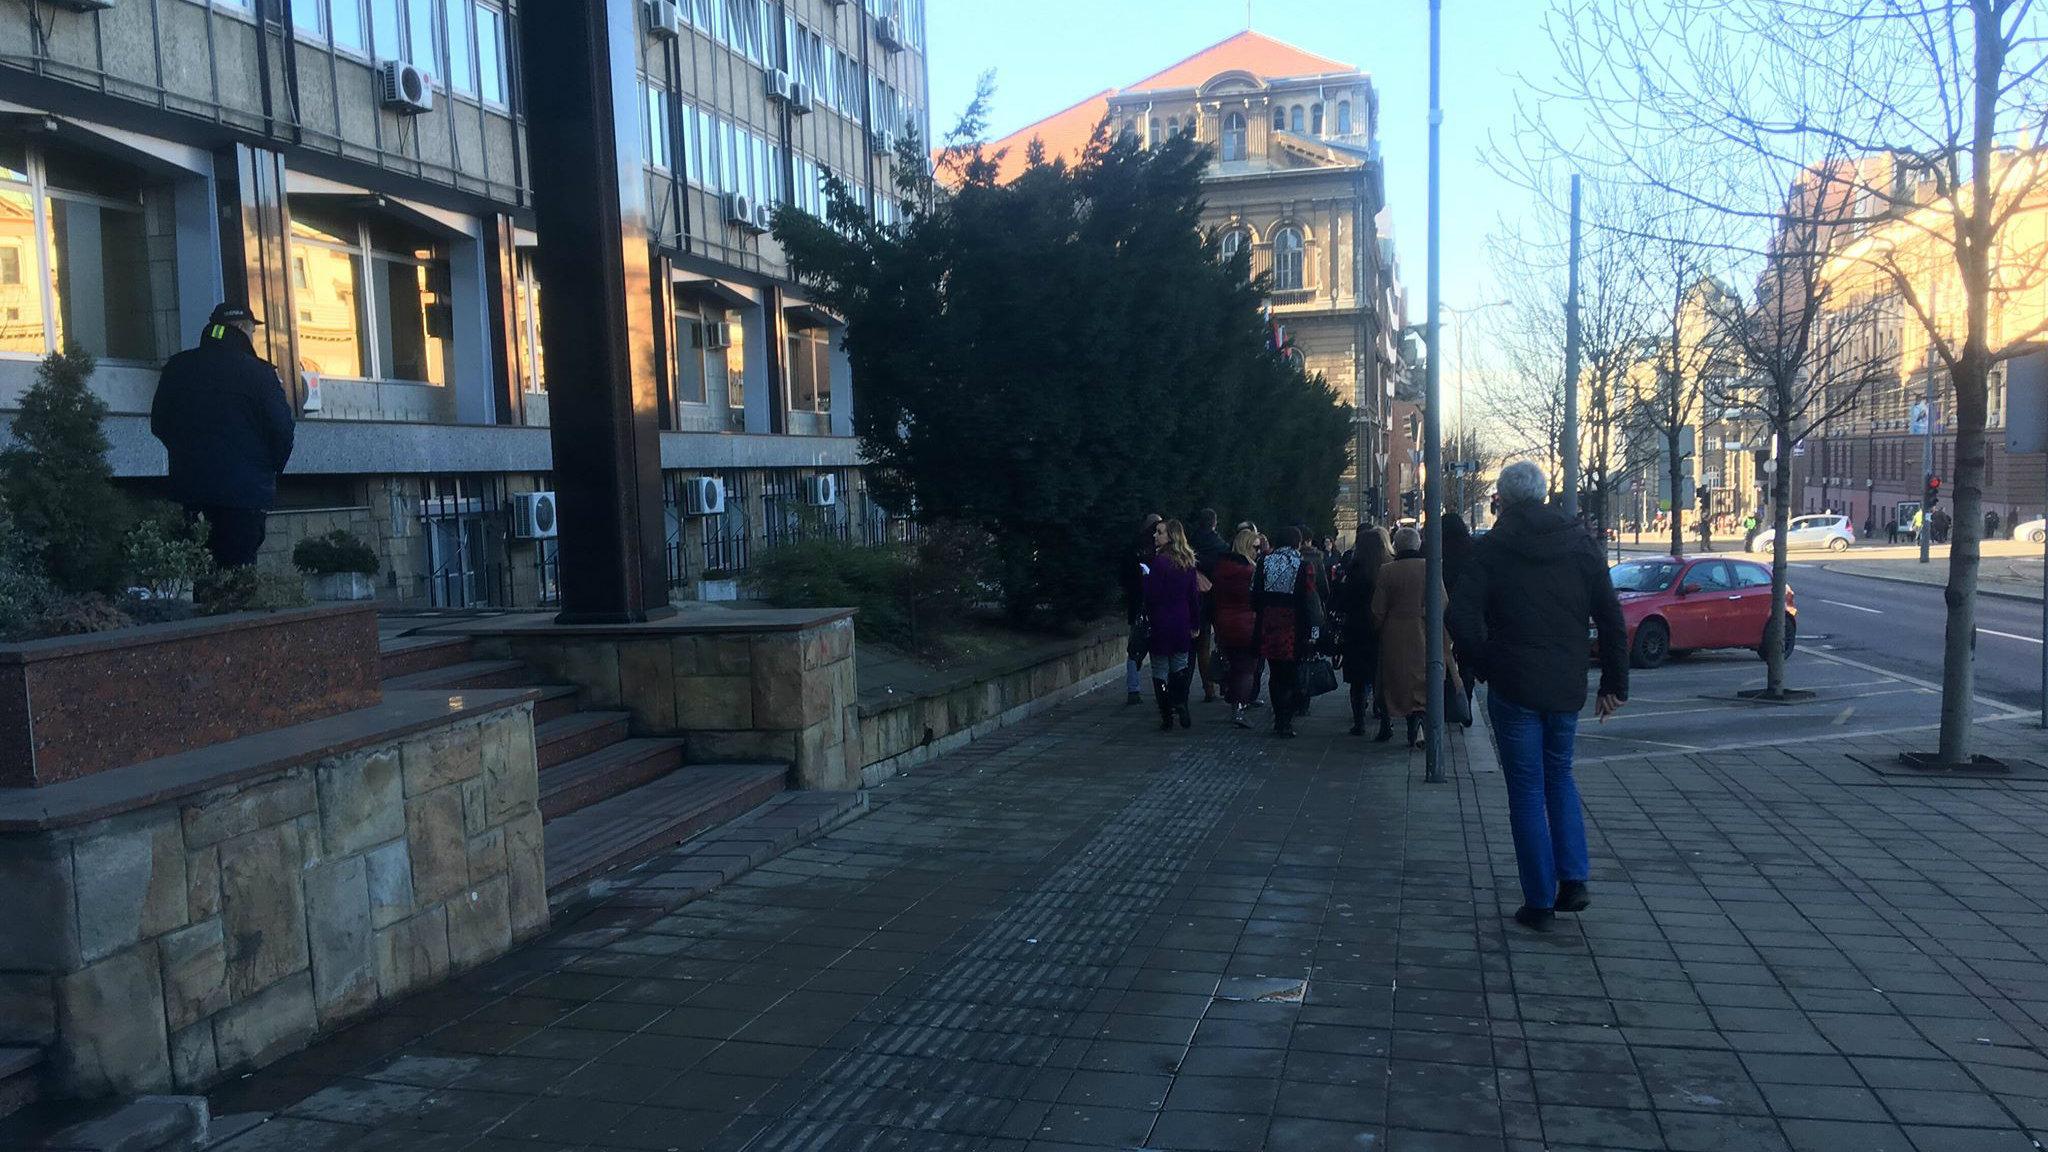 Doček Putina: Građani se okupljaju ispred Hrama 3